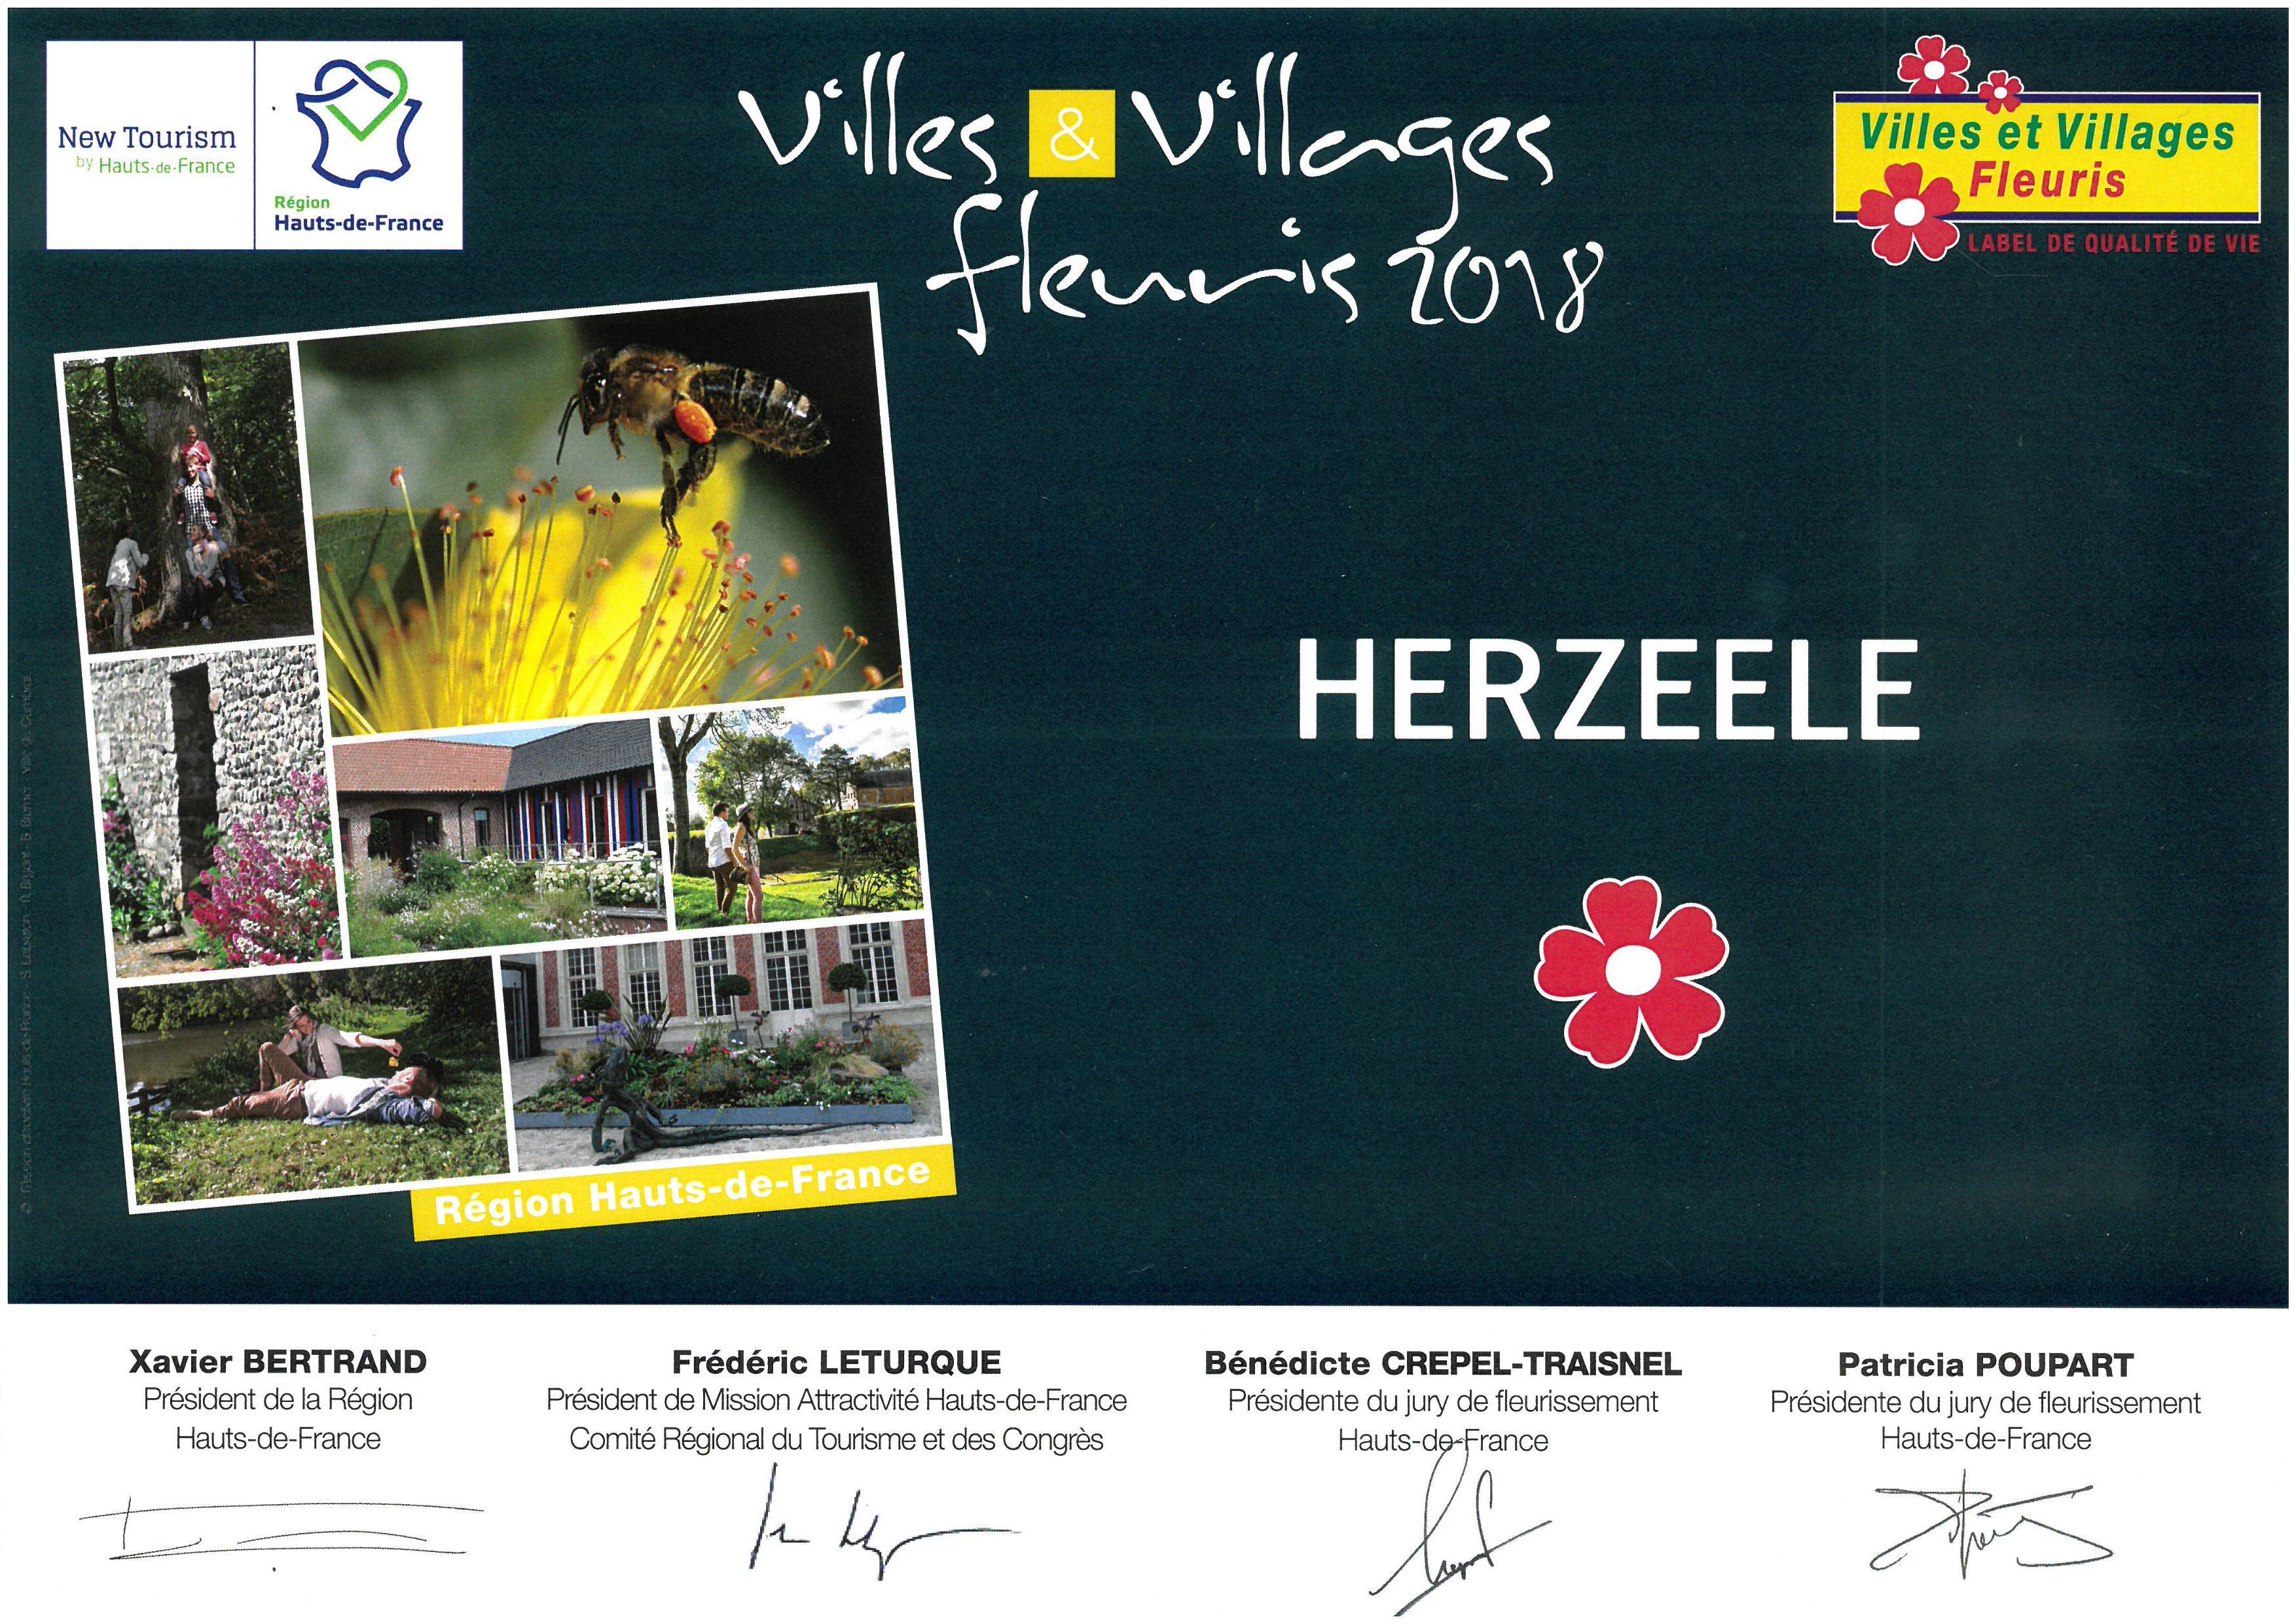 Diplome villes et villages fleuris.jpg